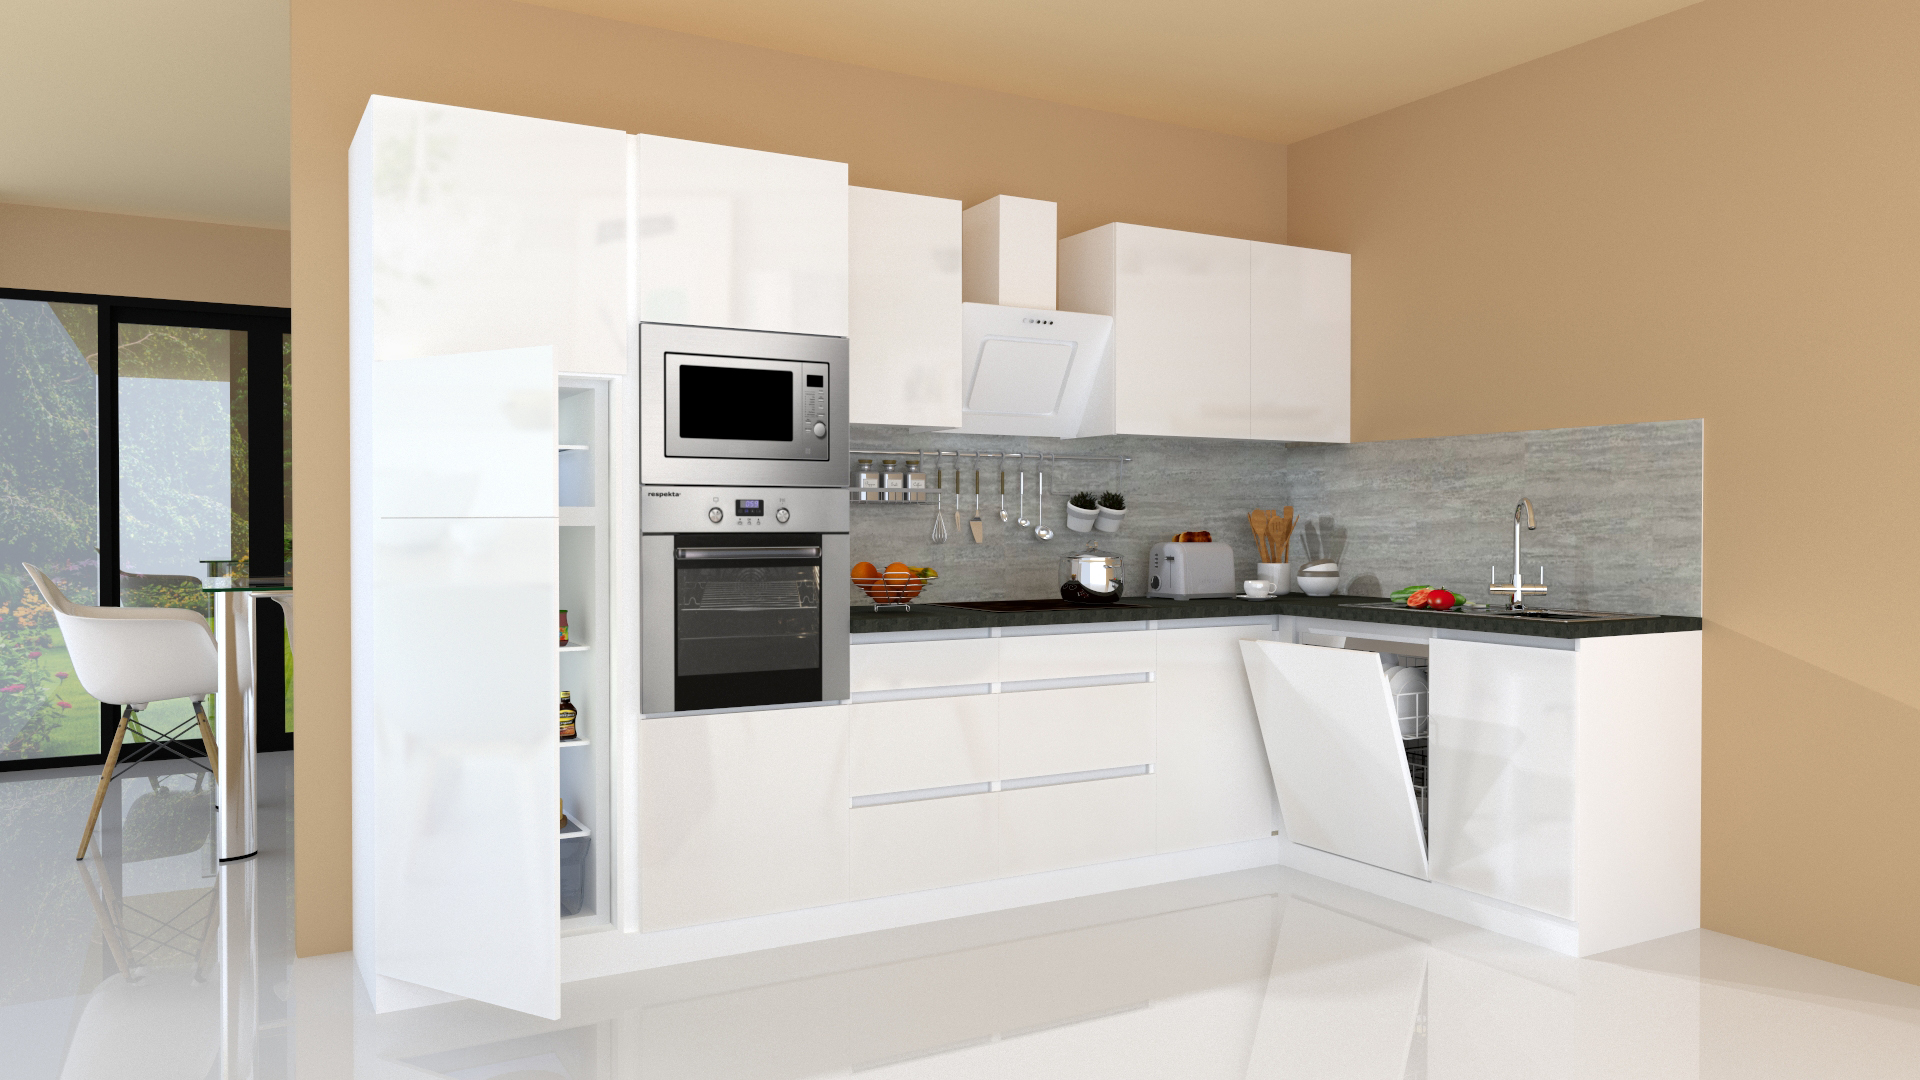 Details zu Winkelküche Küchenzeile Küche L-Form Küche grifflos weiß 20x20  cm respekta